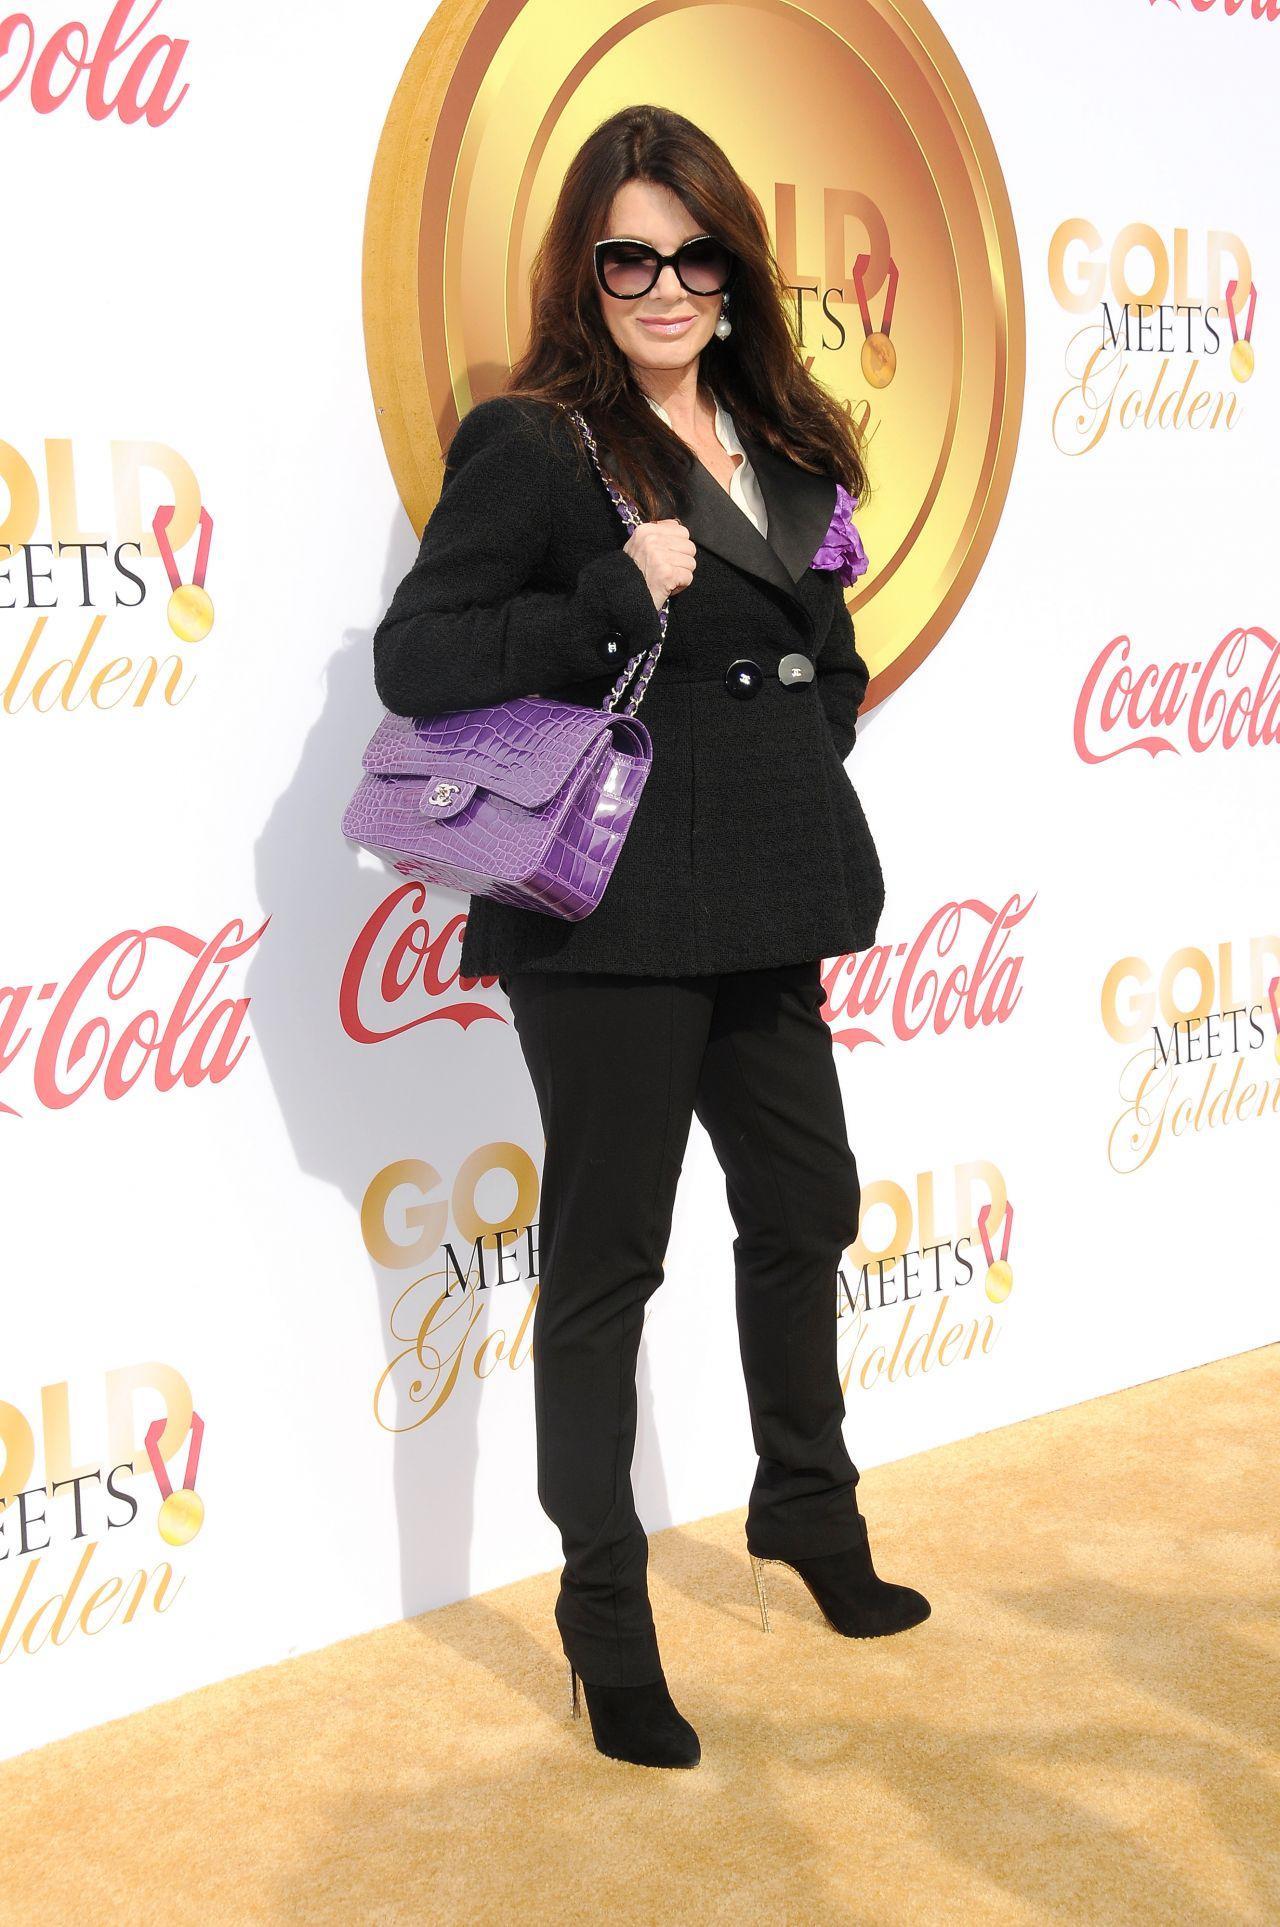 Lisa Vanderpump Gold Meets Golden Awards In Los Angeles